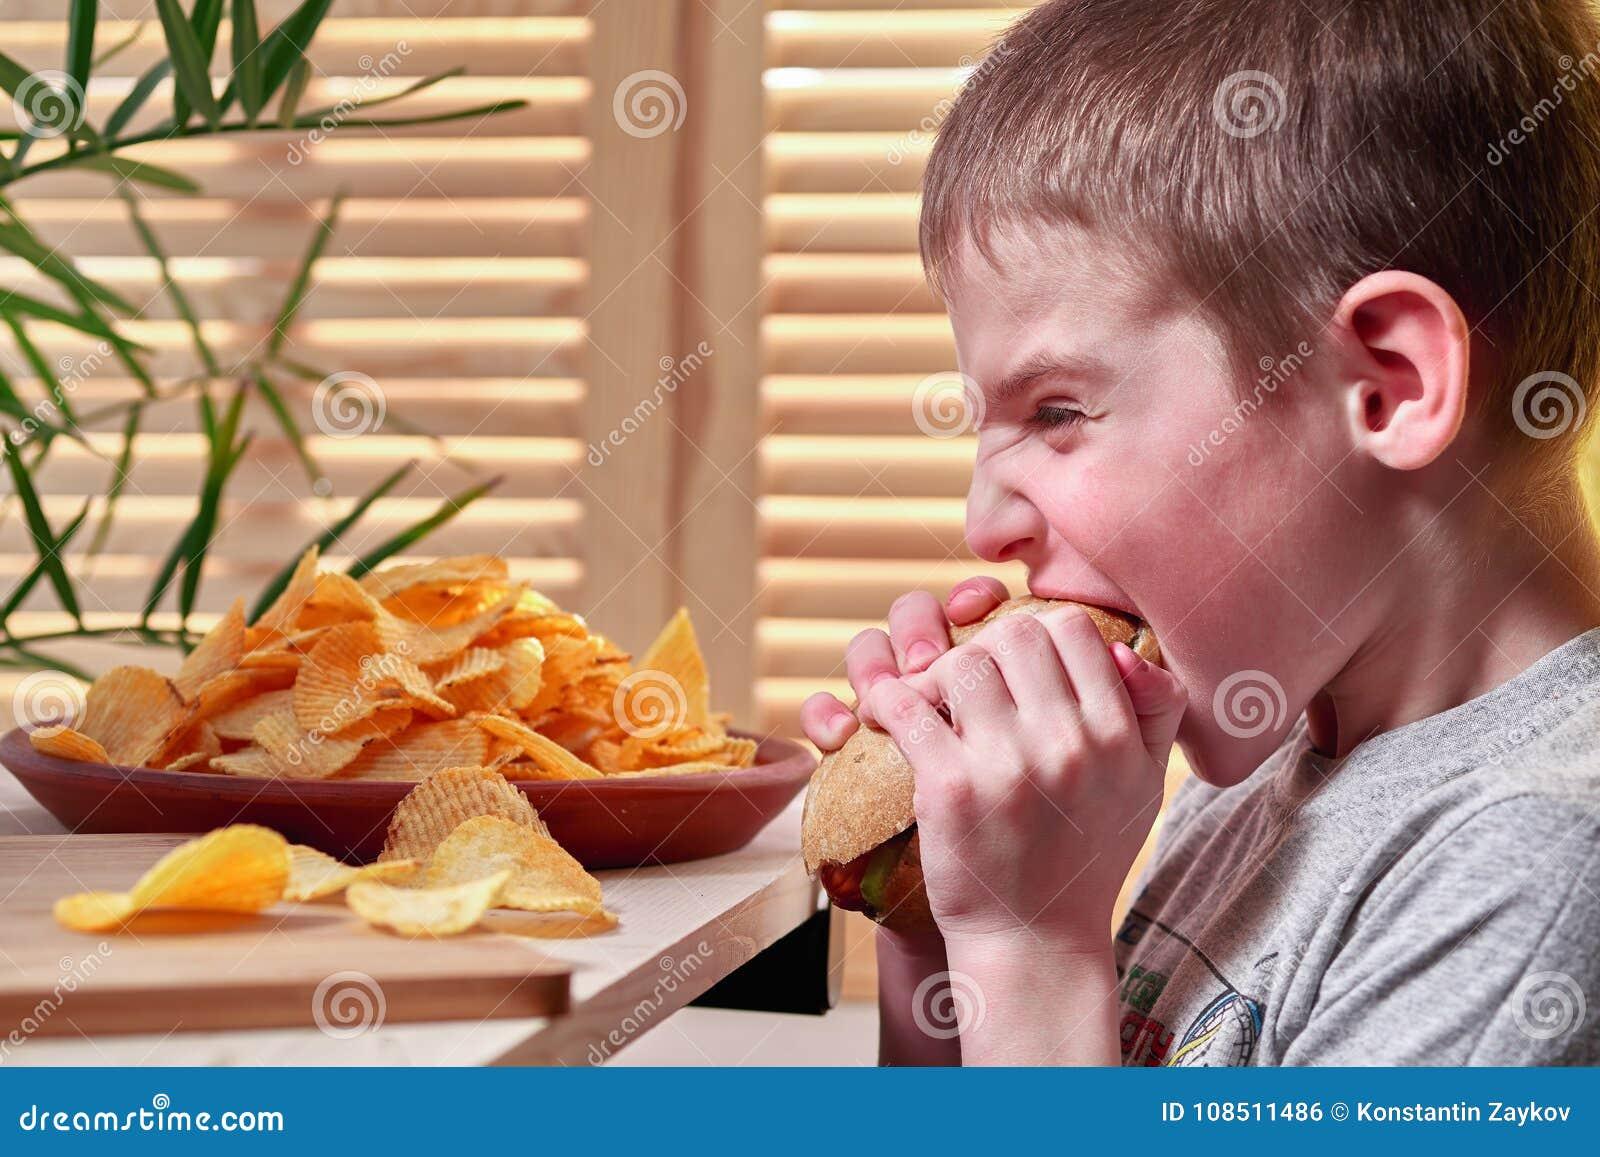 Мальчик полно страстного желания сдерживает очень вкусный большой хот-дога Ребенок ест в фаст-фуде